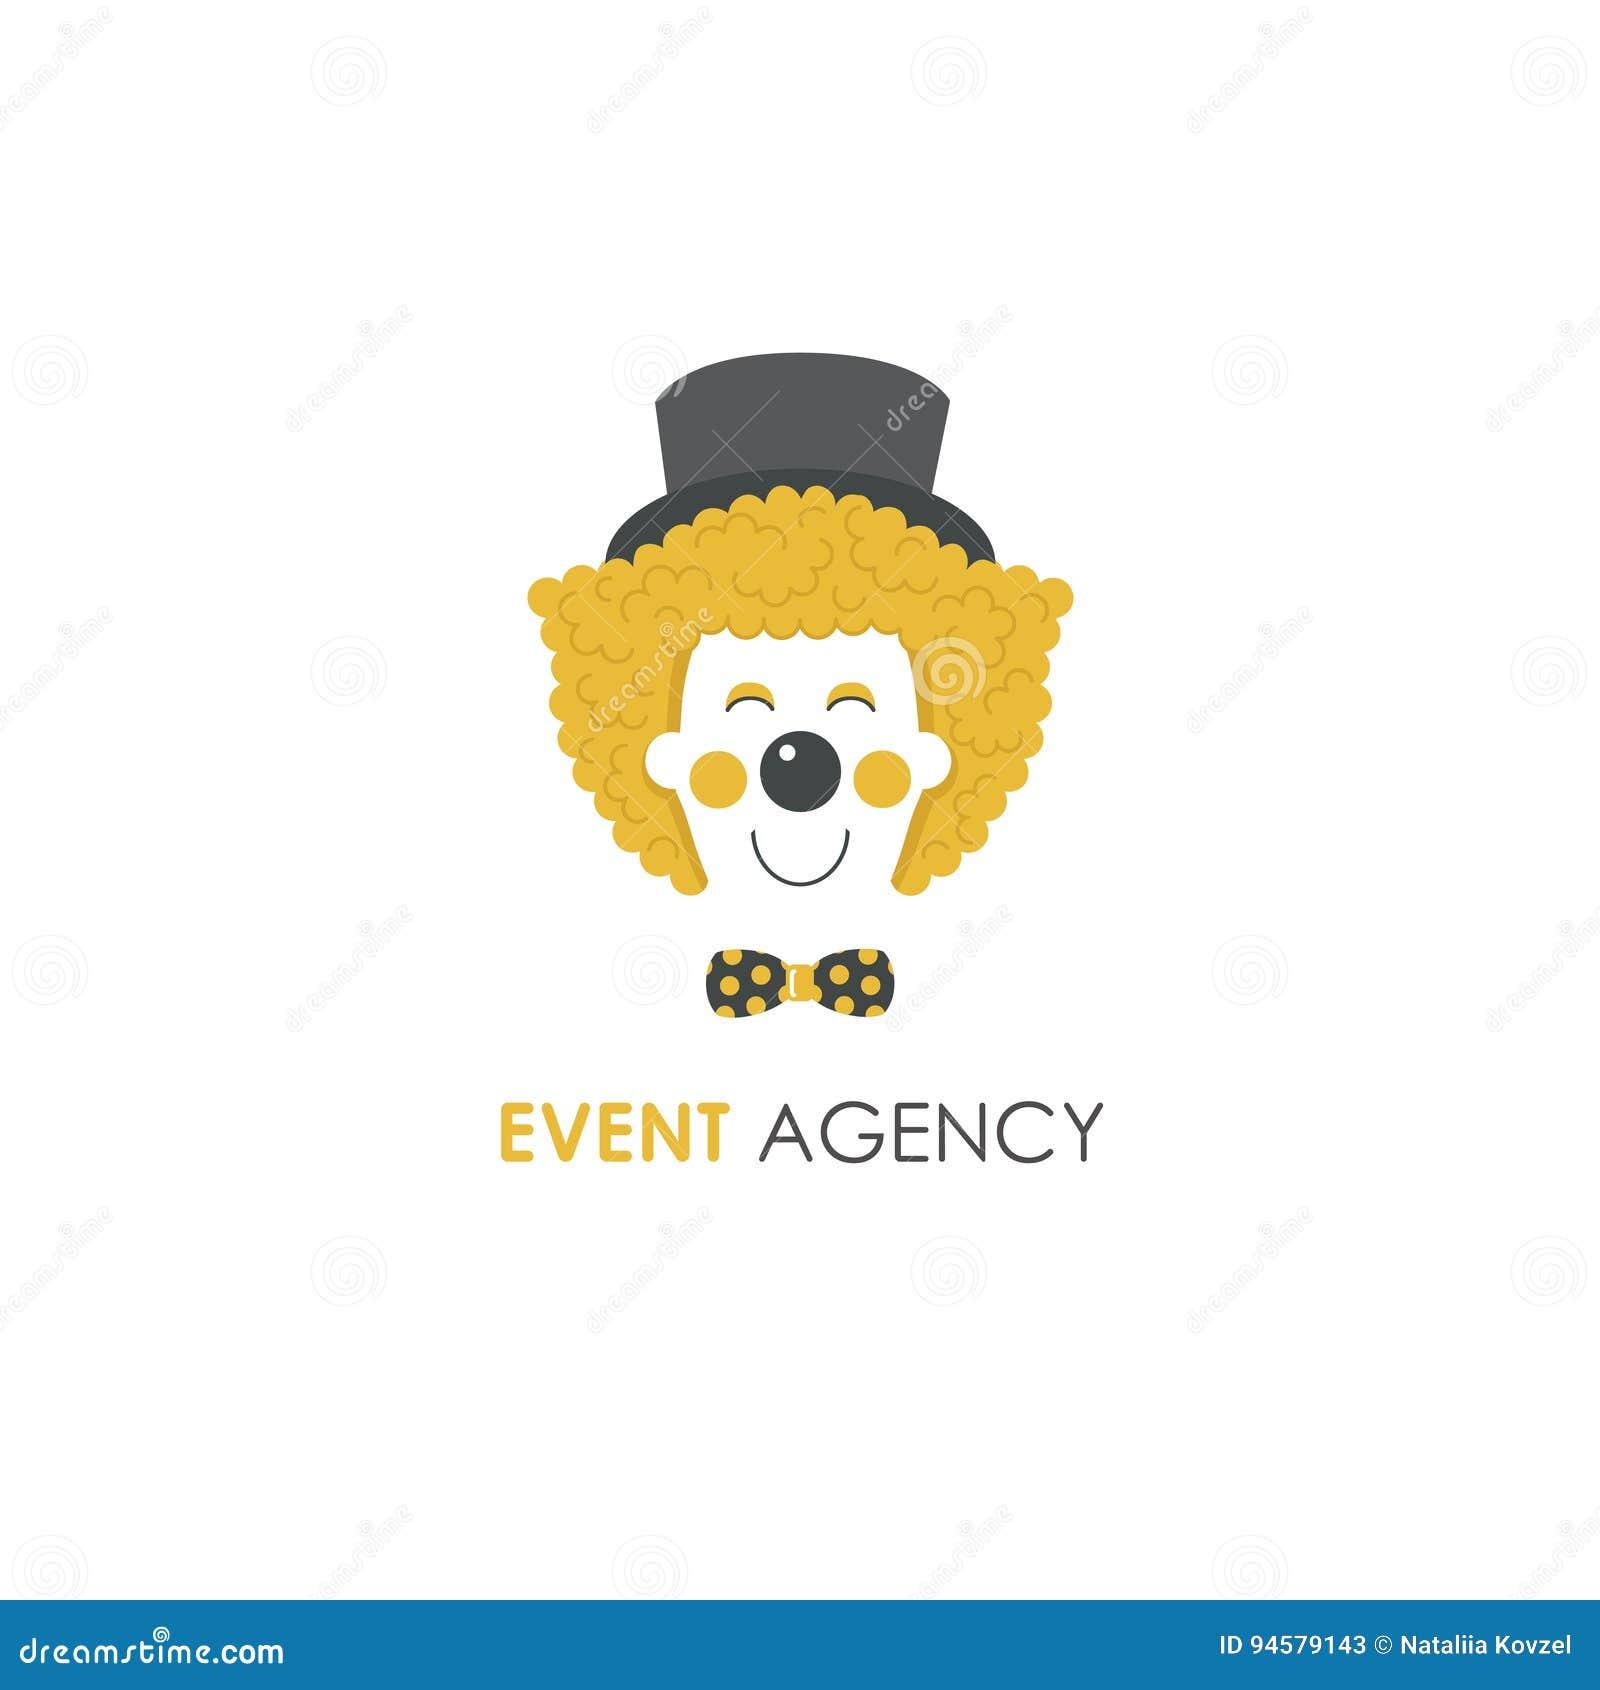 Smiling Clown Face Line Logo Design Template. Stock Vector ...